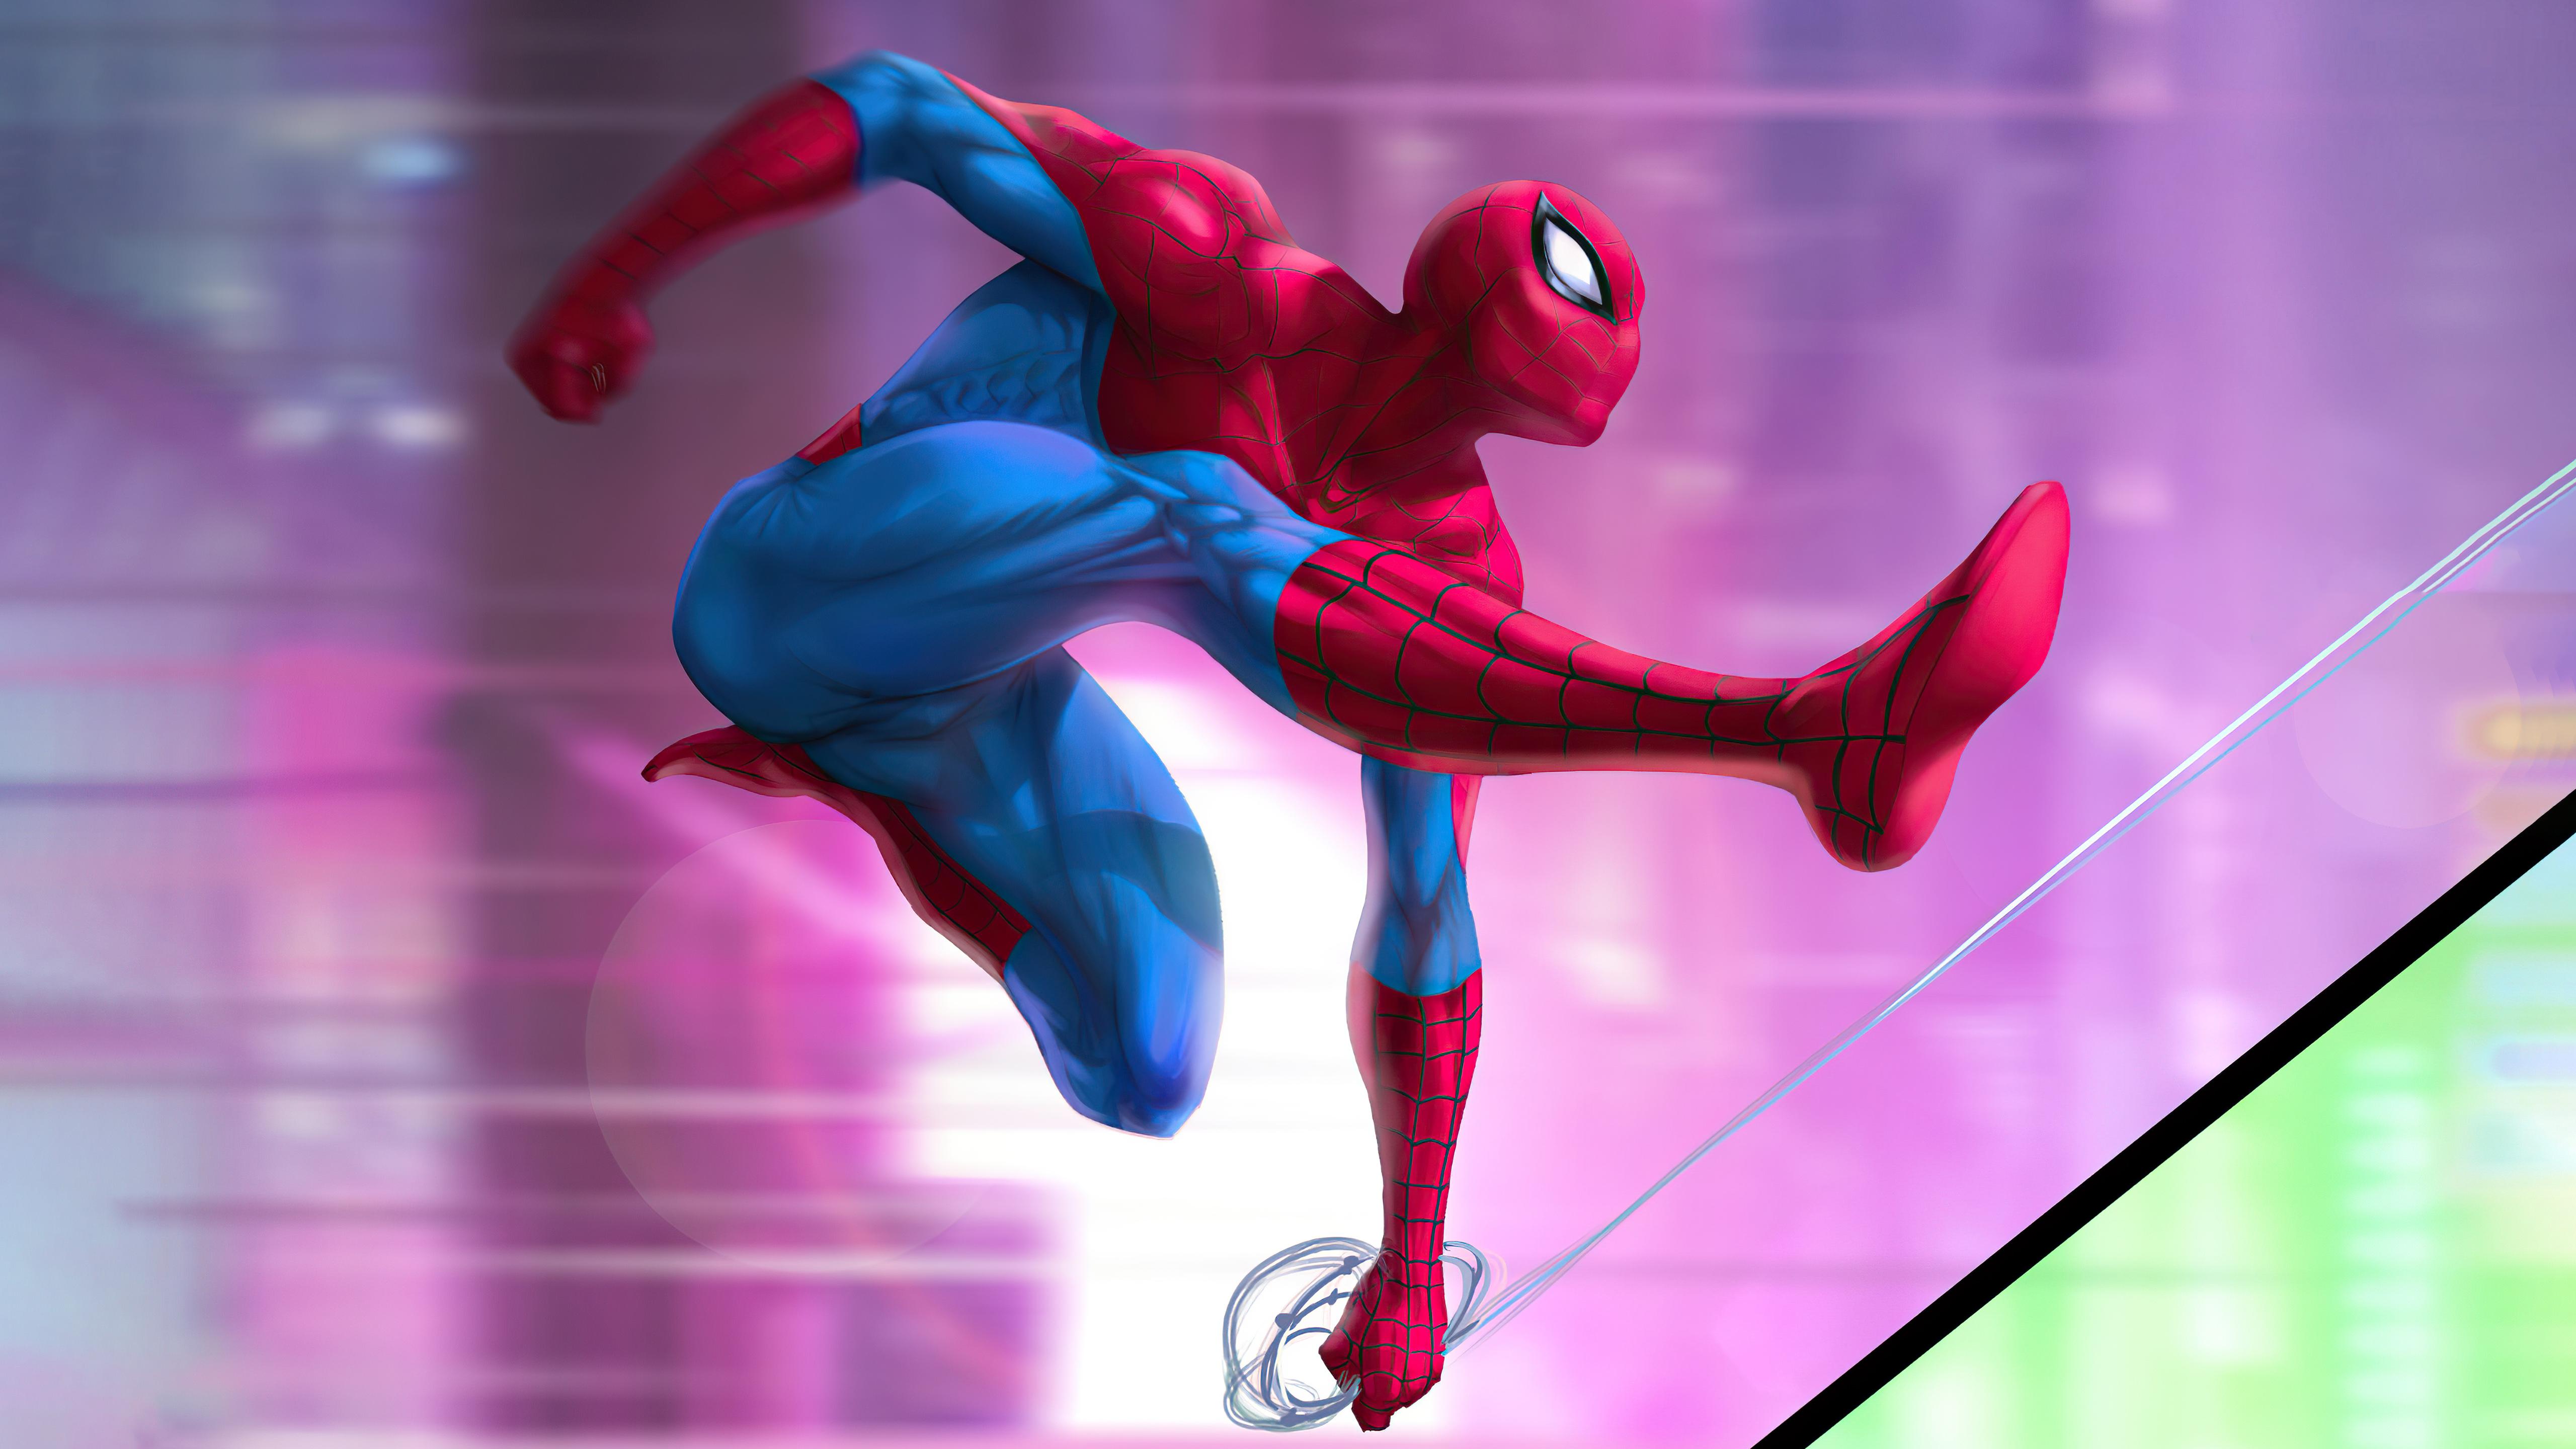 Wallpaper Spider Man Digital Illustration